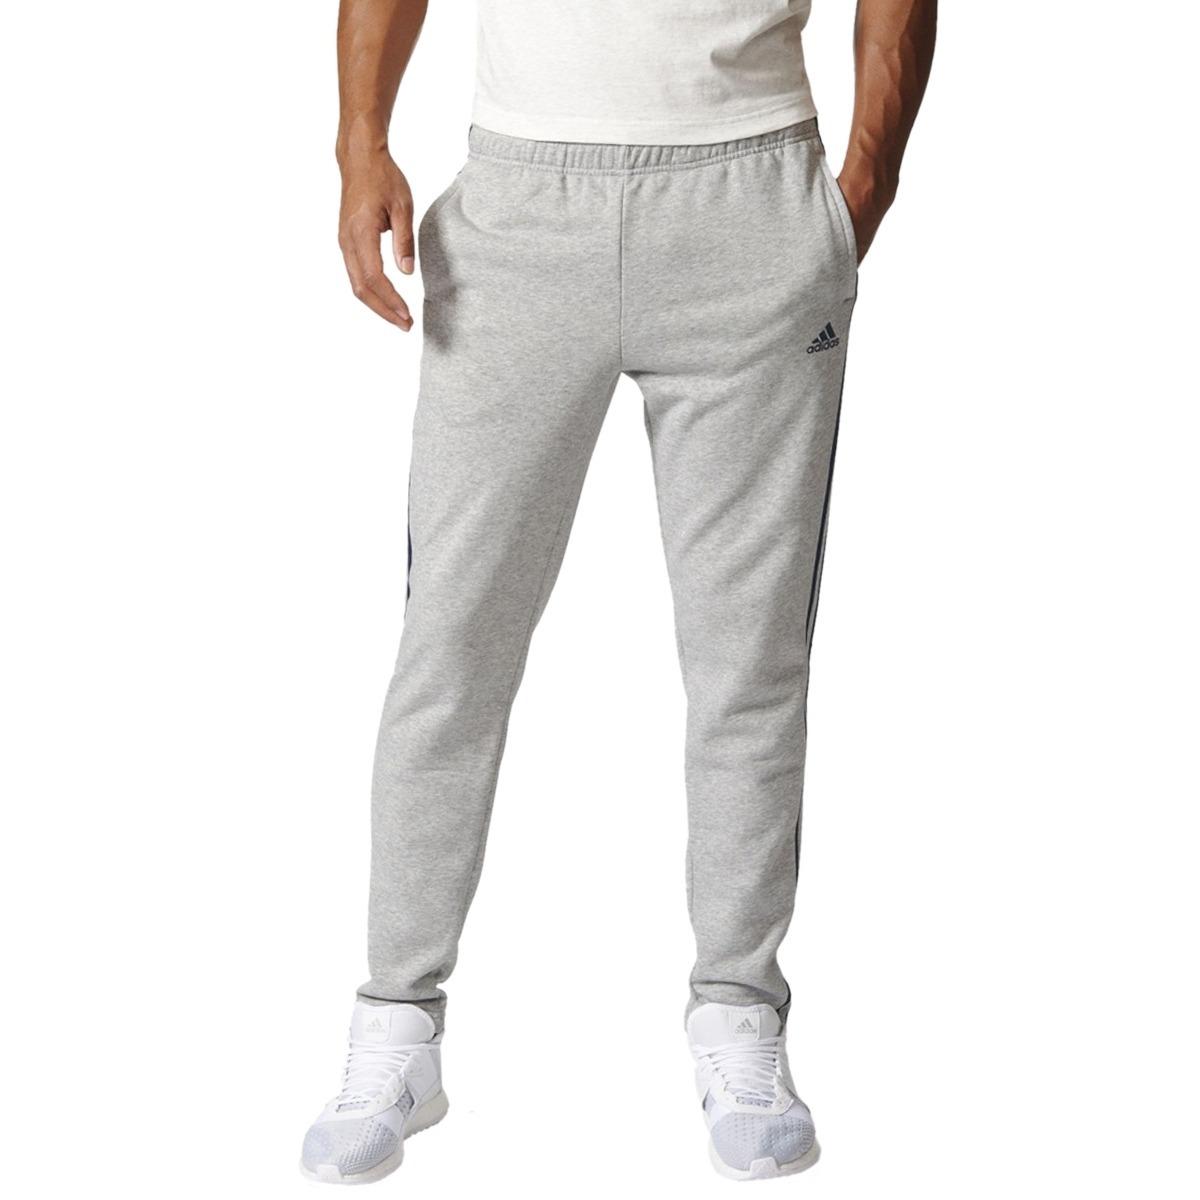 ee7af937898 calça masculina adidas ess 3s coft moletom bk7448. Carregando zoom.